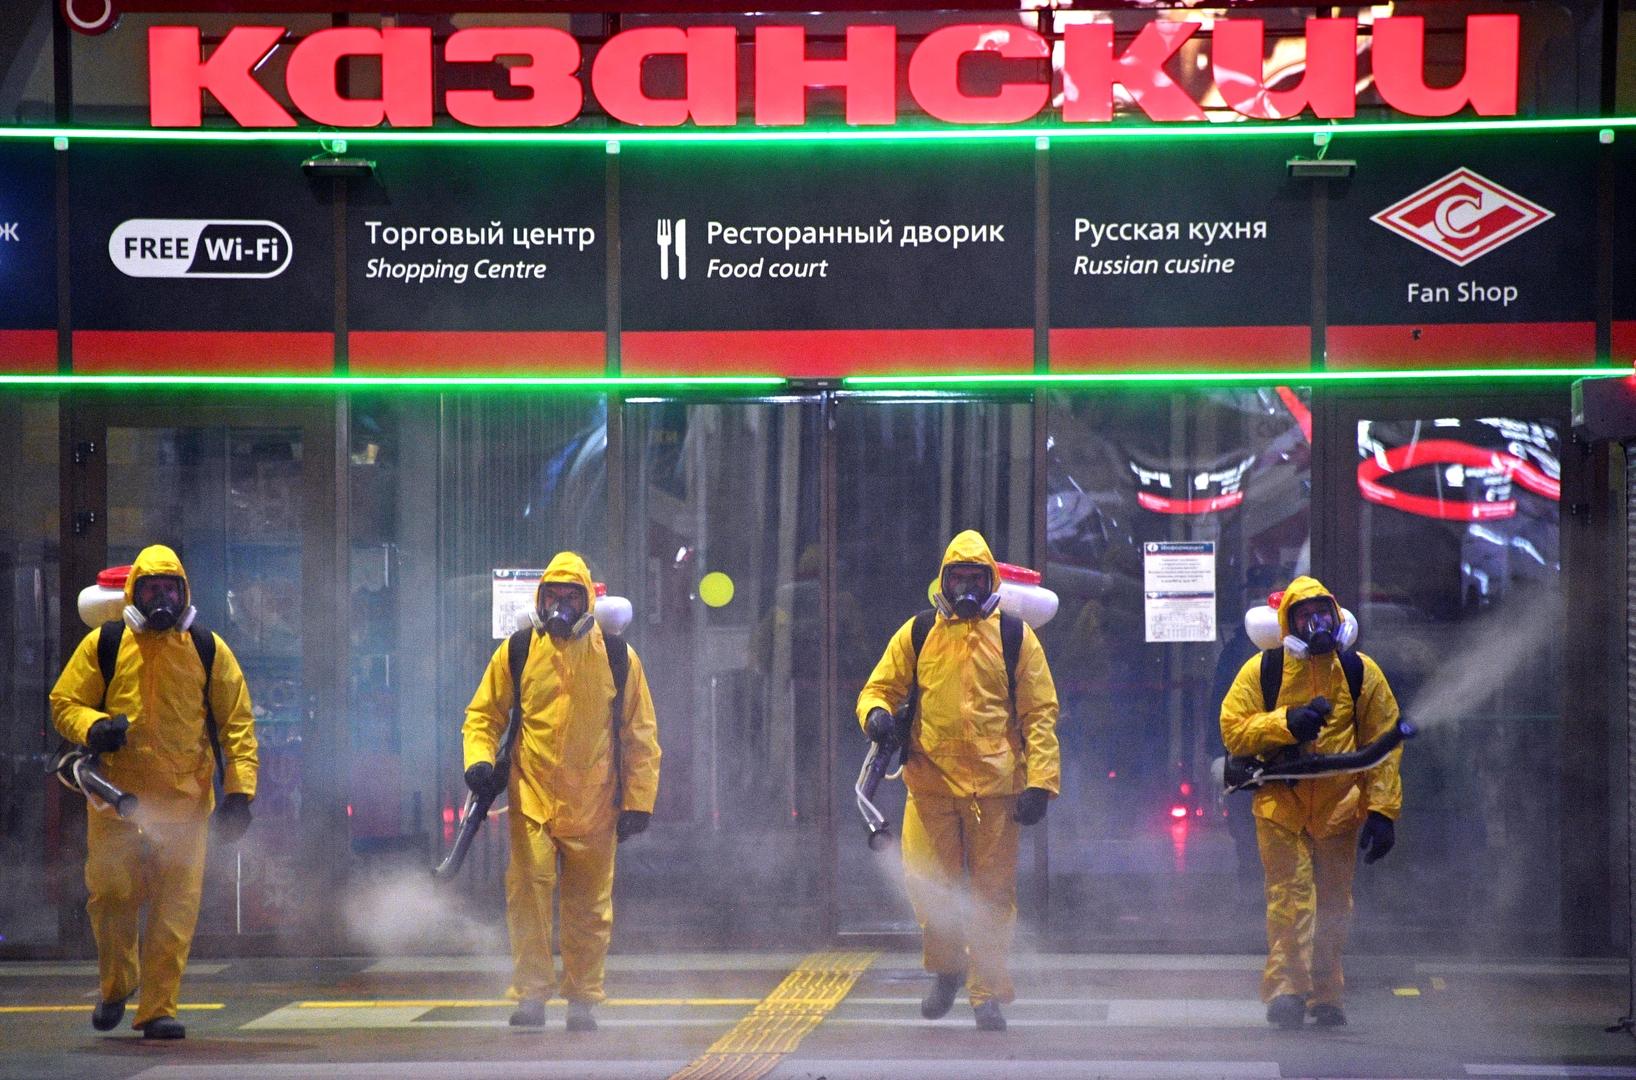 كورونا في روسيا.. أدنى حصيلة إصابات يومية منذ أبريل وتراجع ملموس في الوفيات